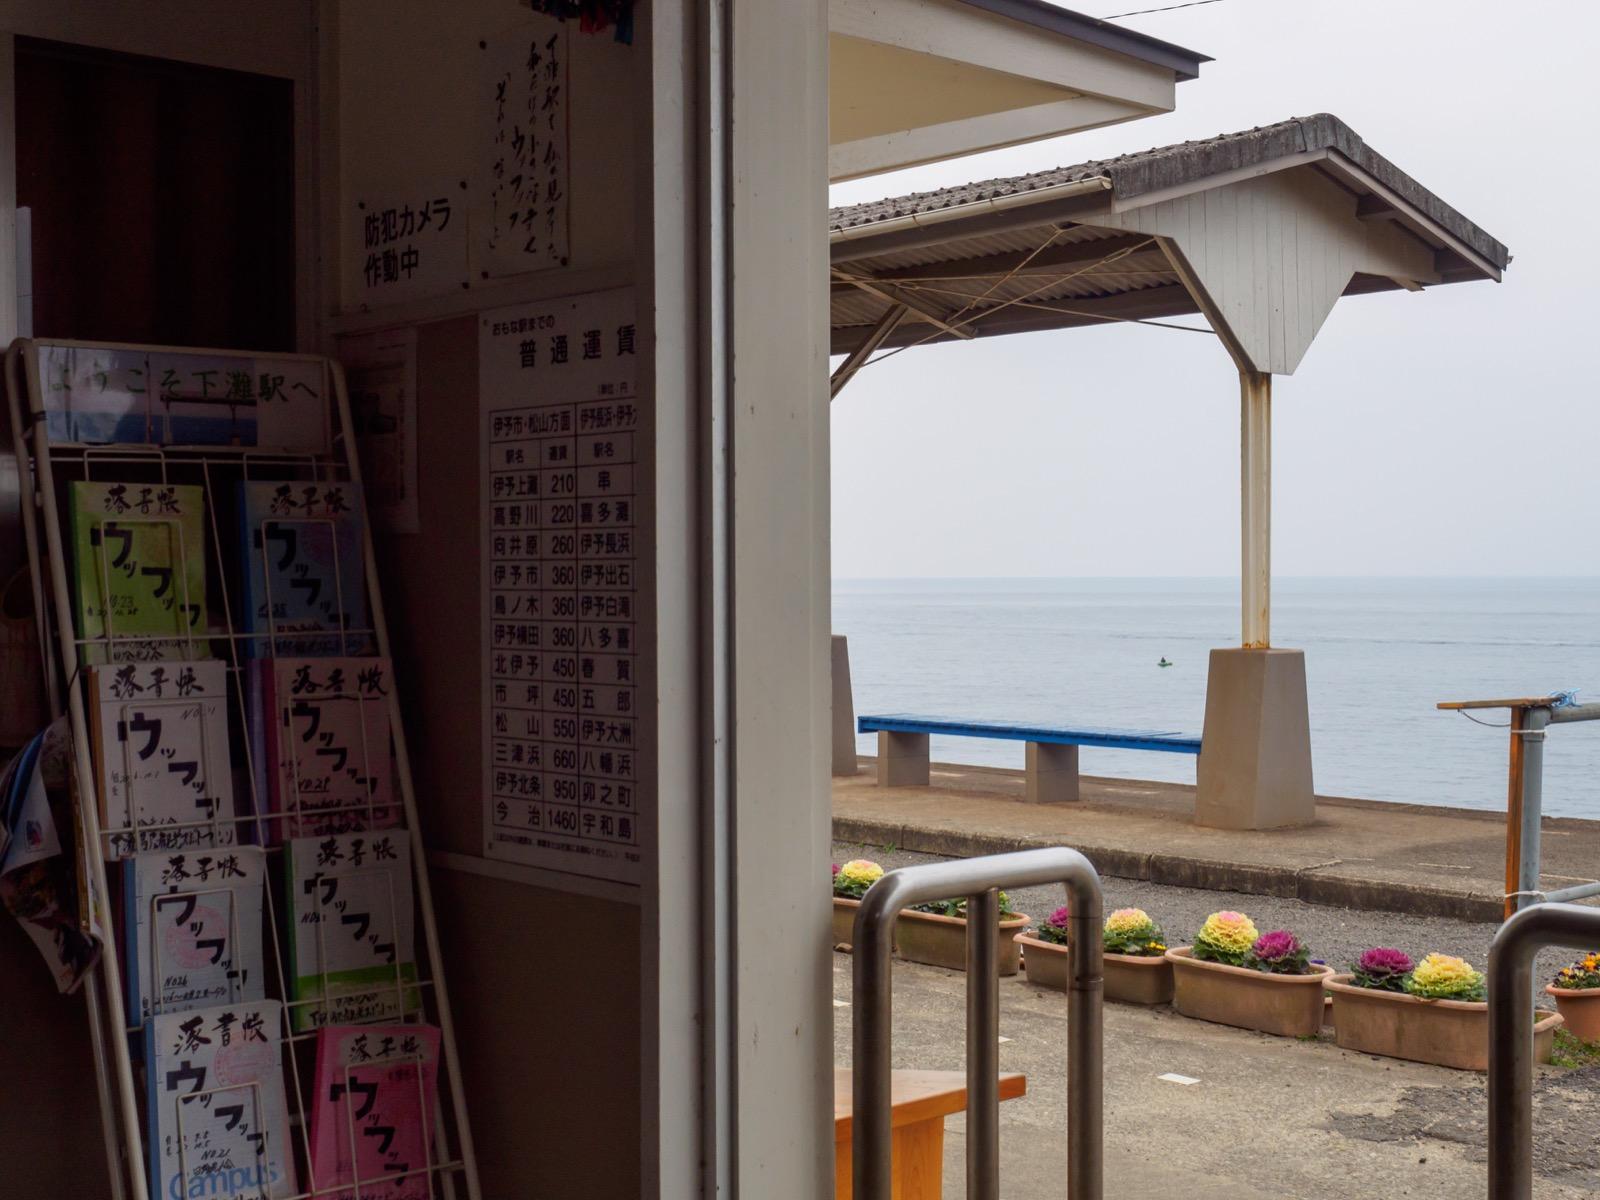 下灘駅の「駅ノート」